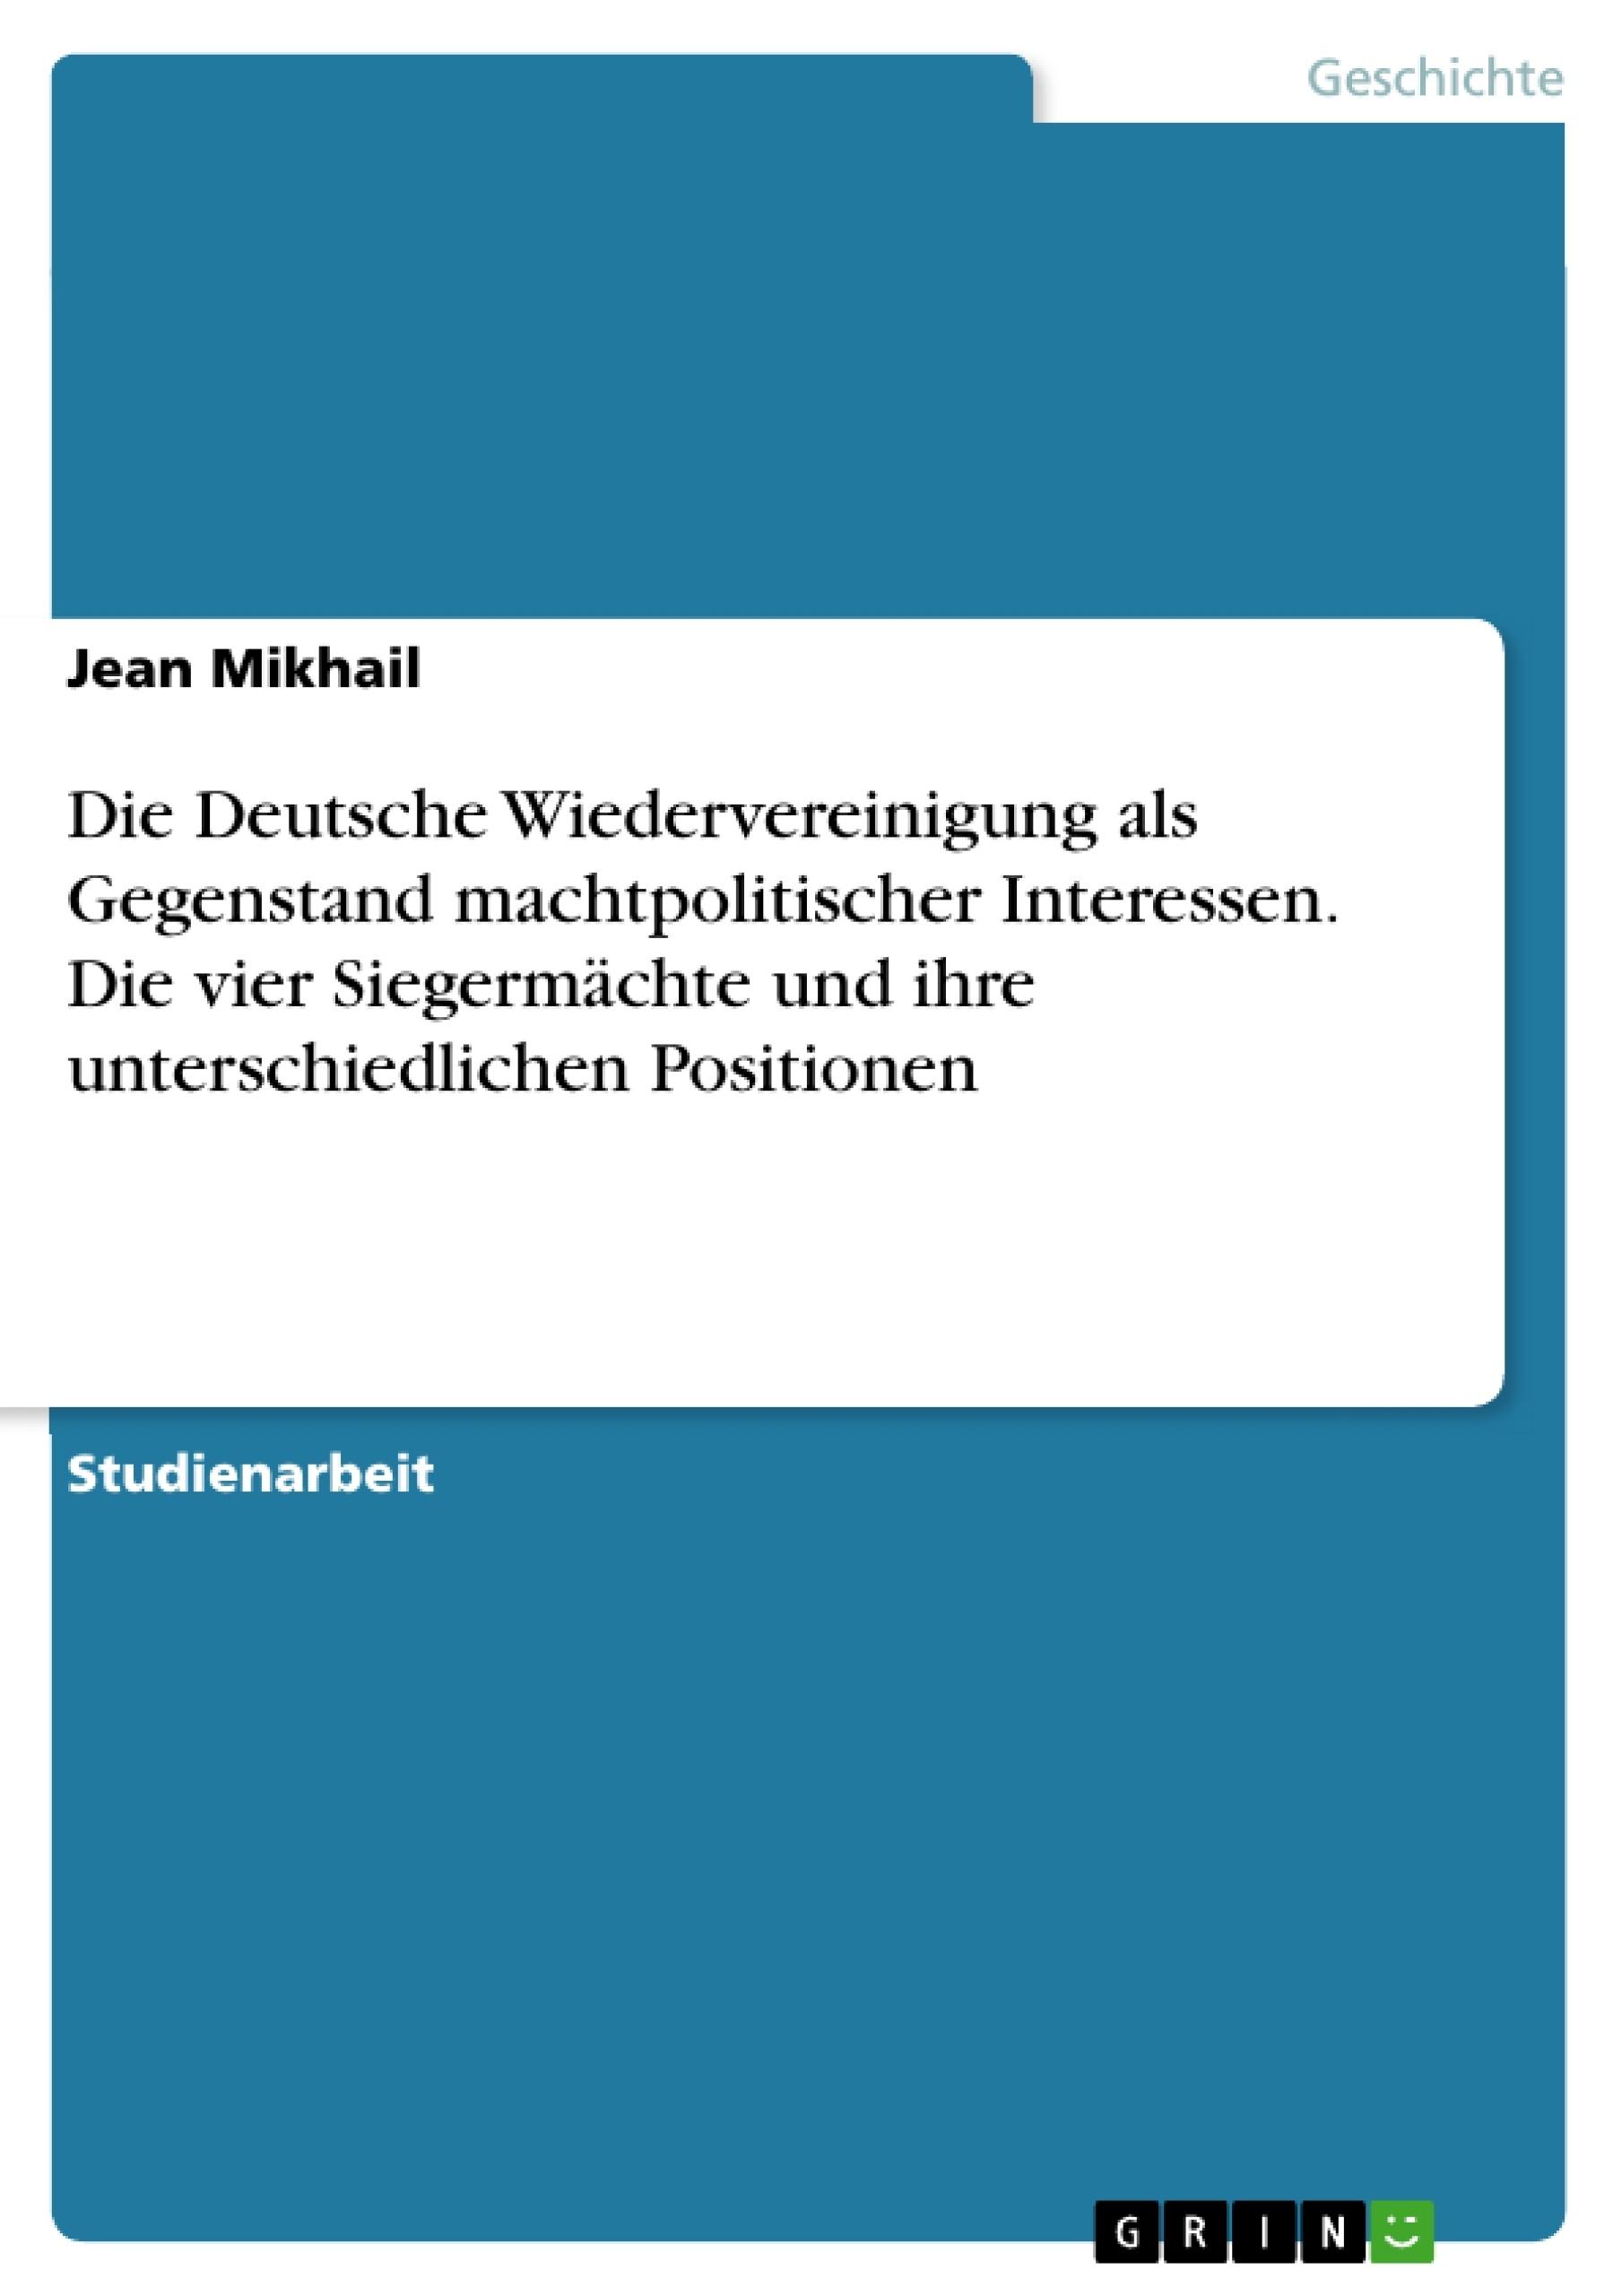 Titel: Die Deutsche Wiedervereinigung als Gegenstand machtpolitischer Interessen. Die vier Siegermächte und ihre unterschiedlichen Positionen